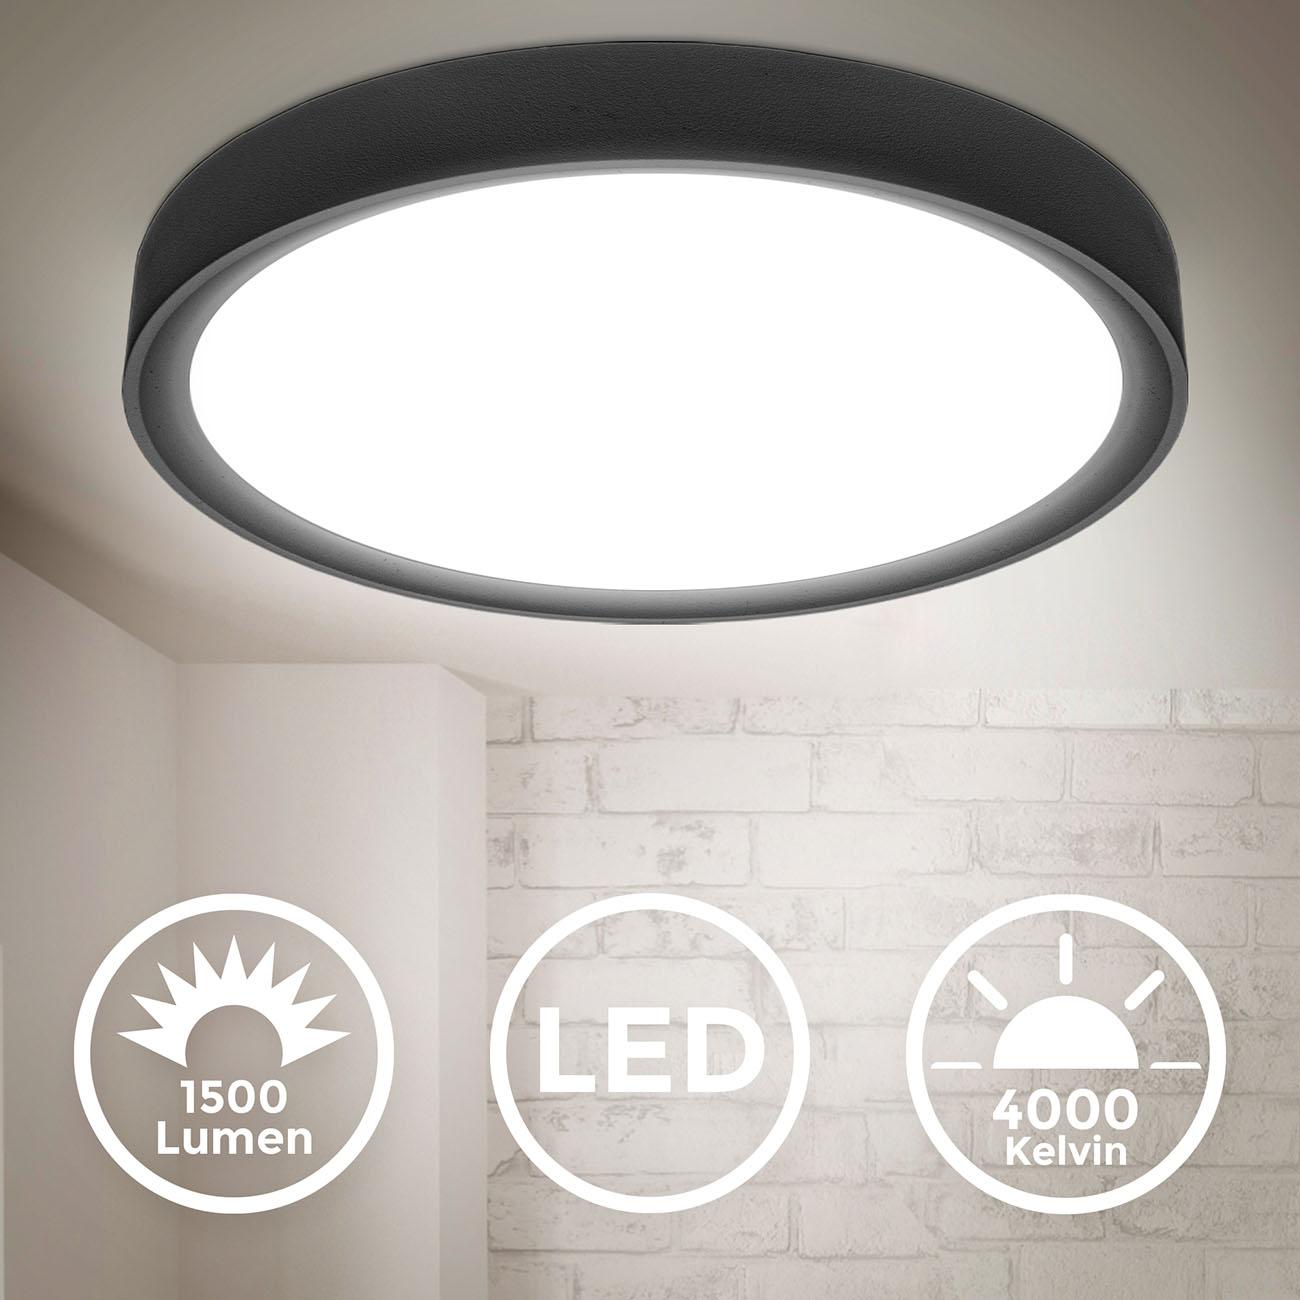 LED Deckenlampe neutralweiß rund schwarz - 3